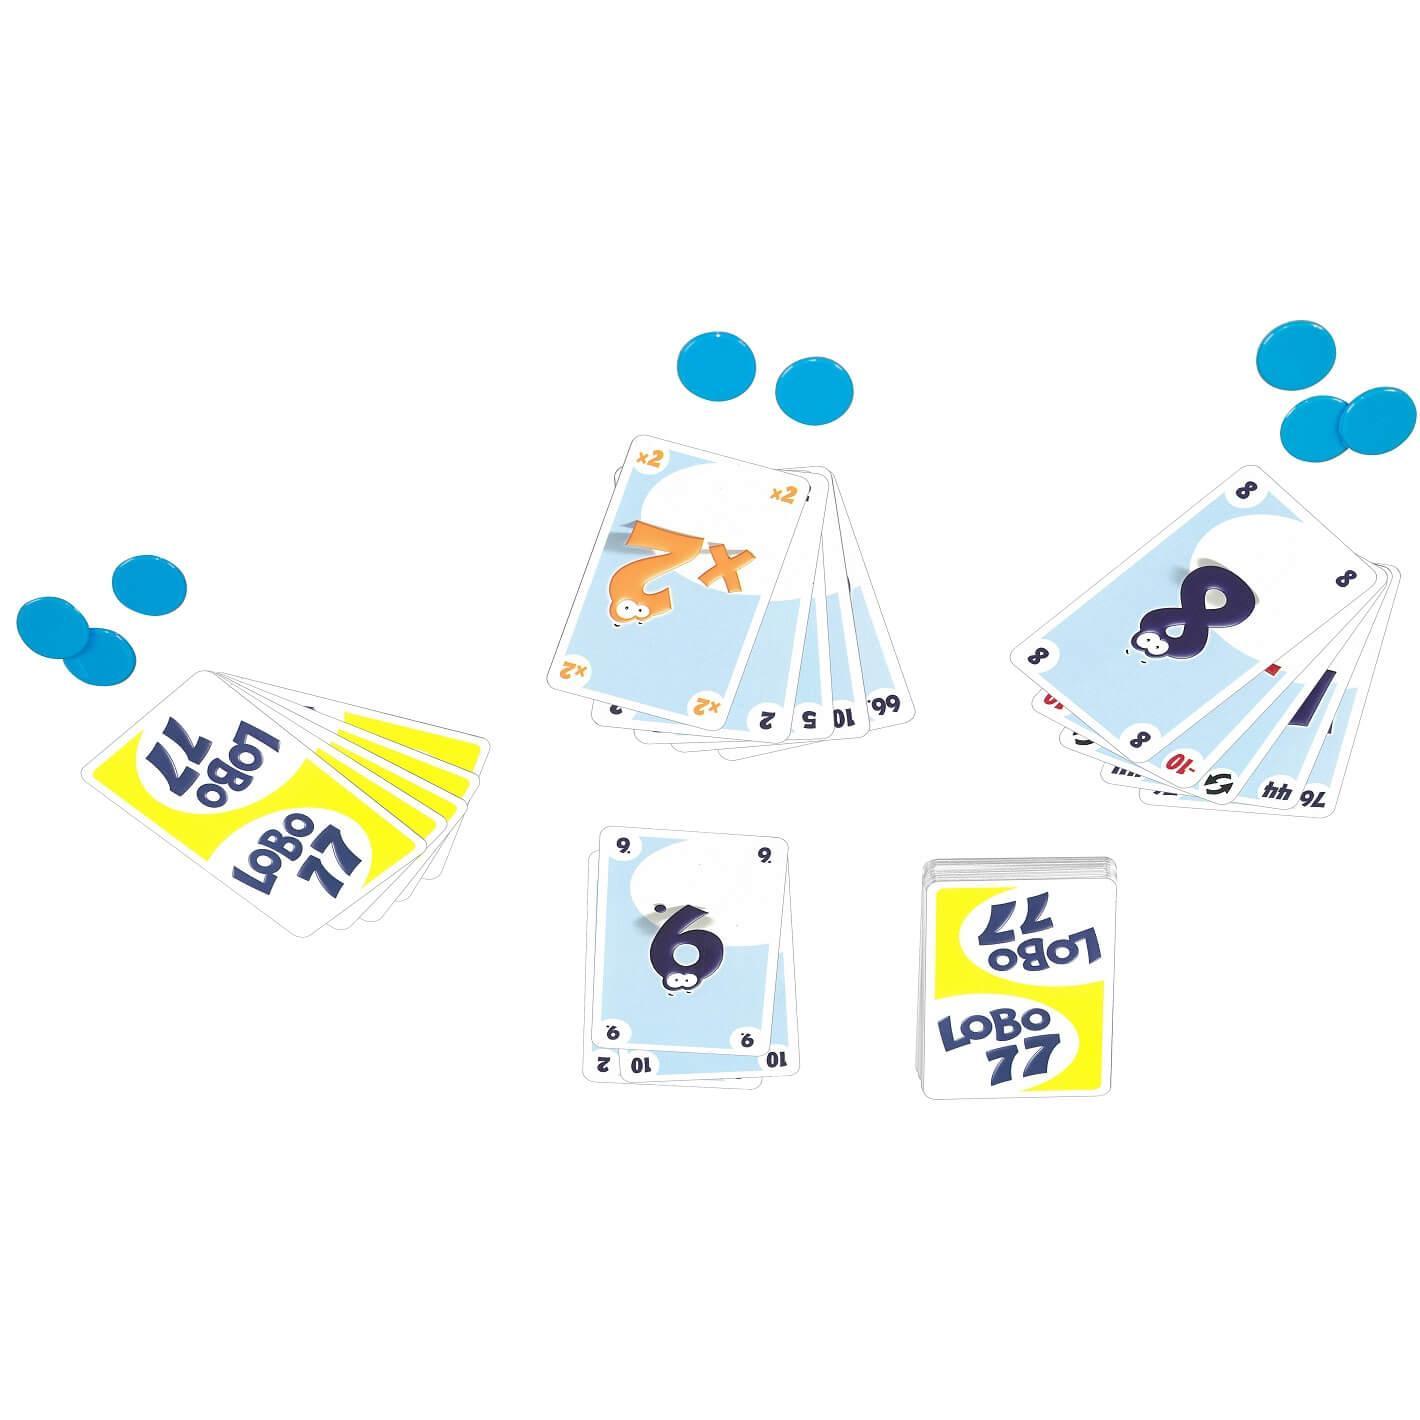 Jeu de cartes pour enfants lobo 77